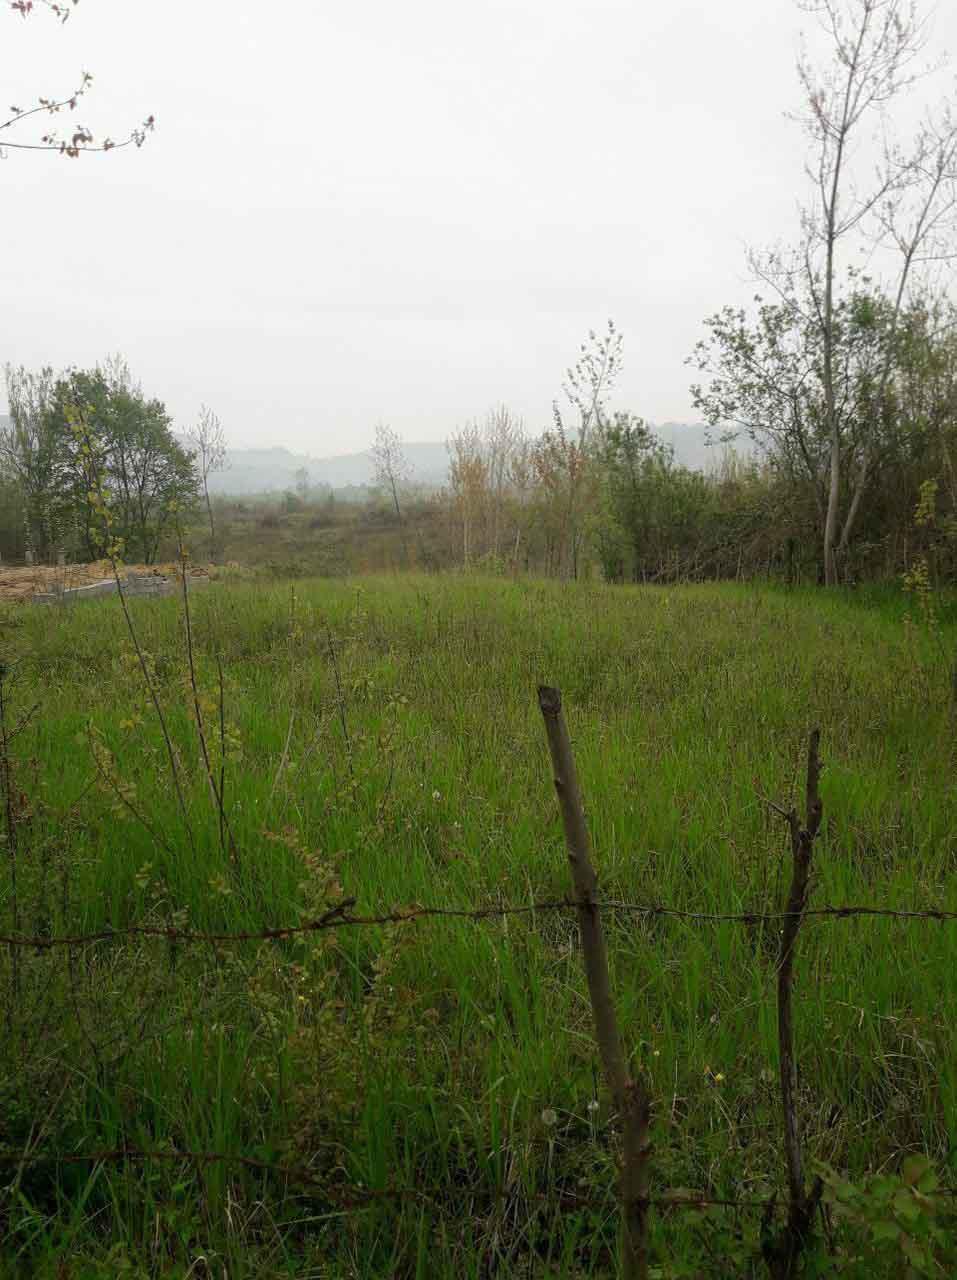 فروش زمین 1000 متری روستایی جنگلی اطاقور